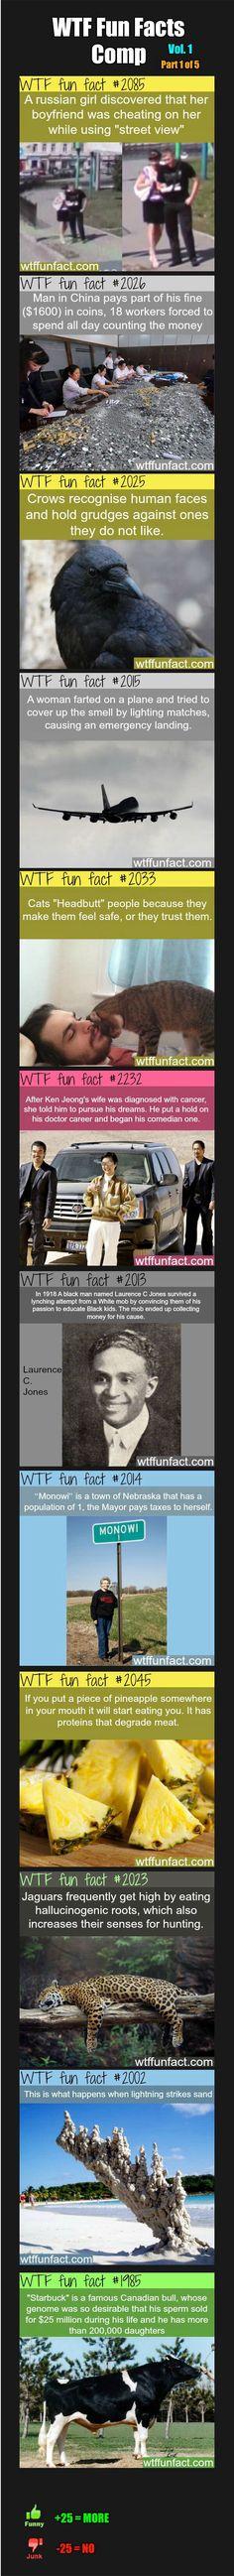 Mooooee random facts :)